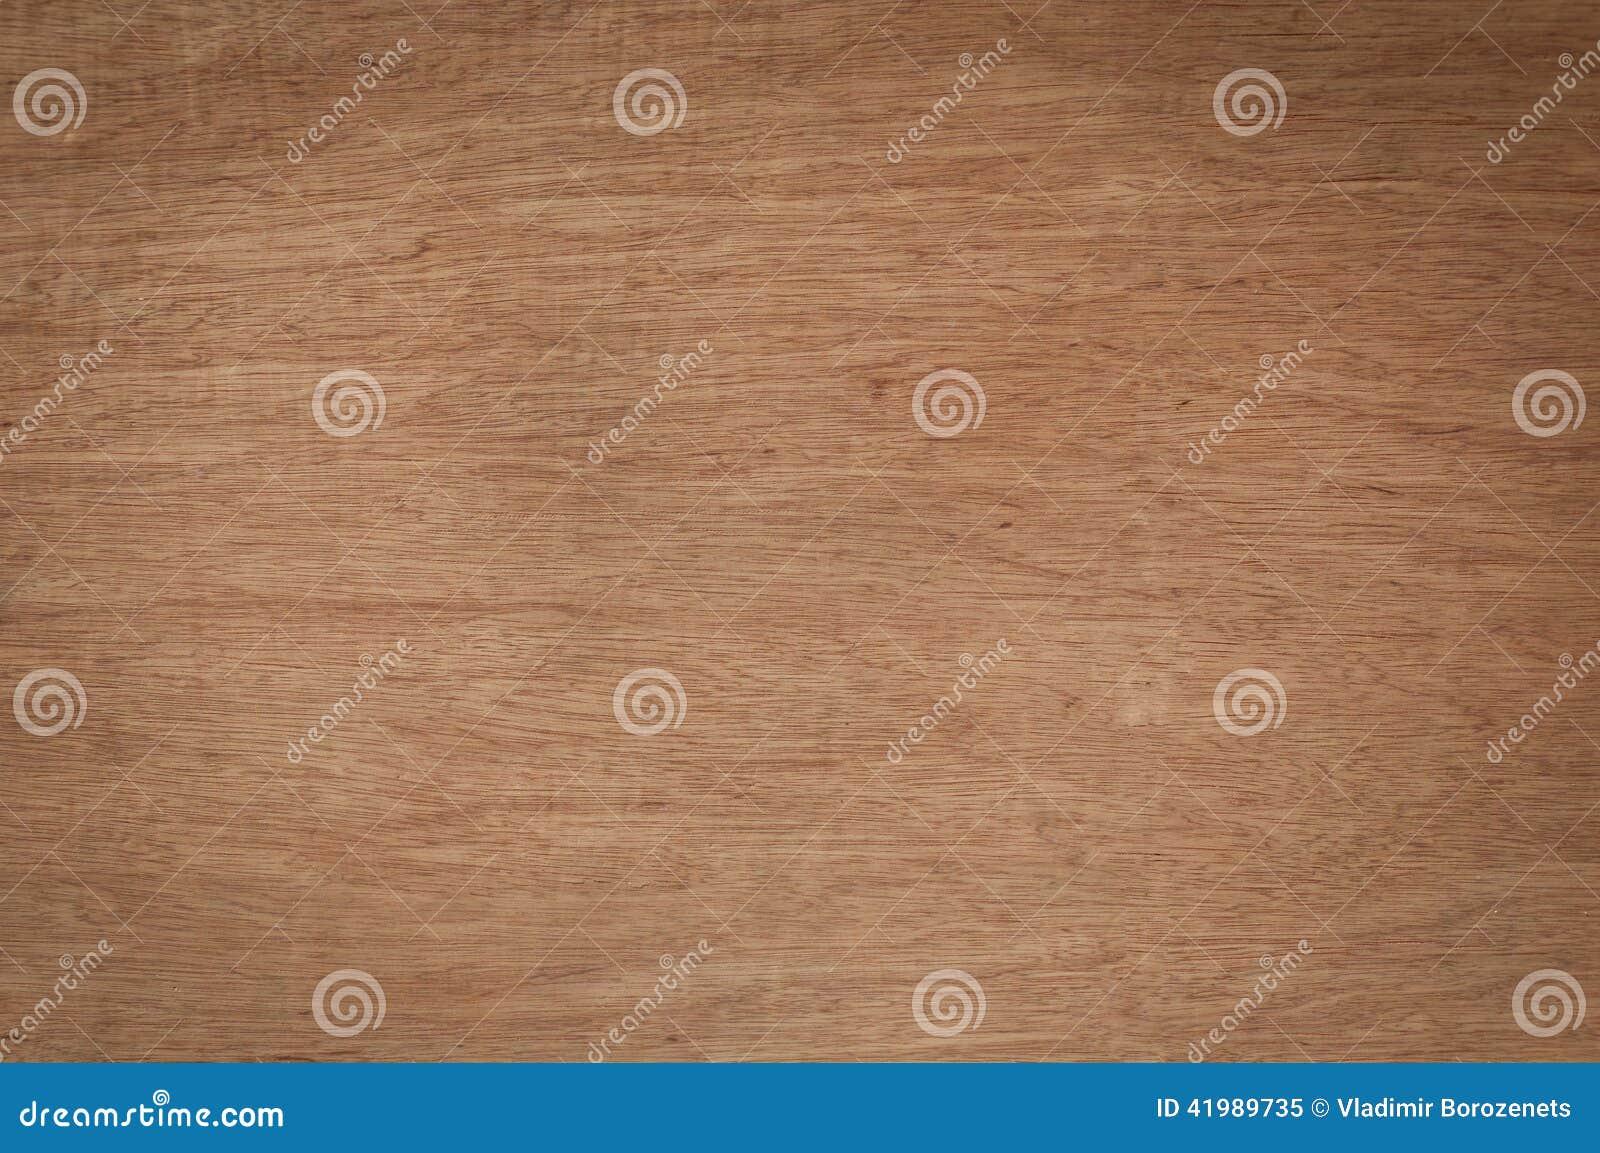 Деревянная текстура таблицы для предпосылки